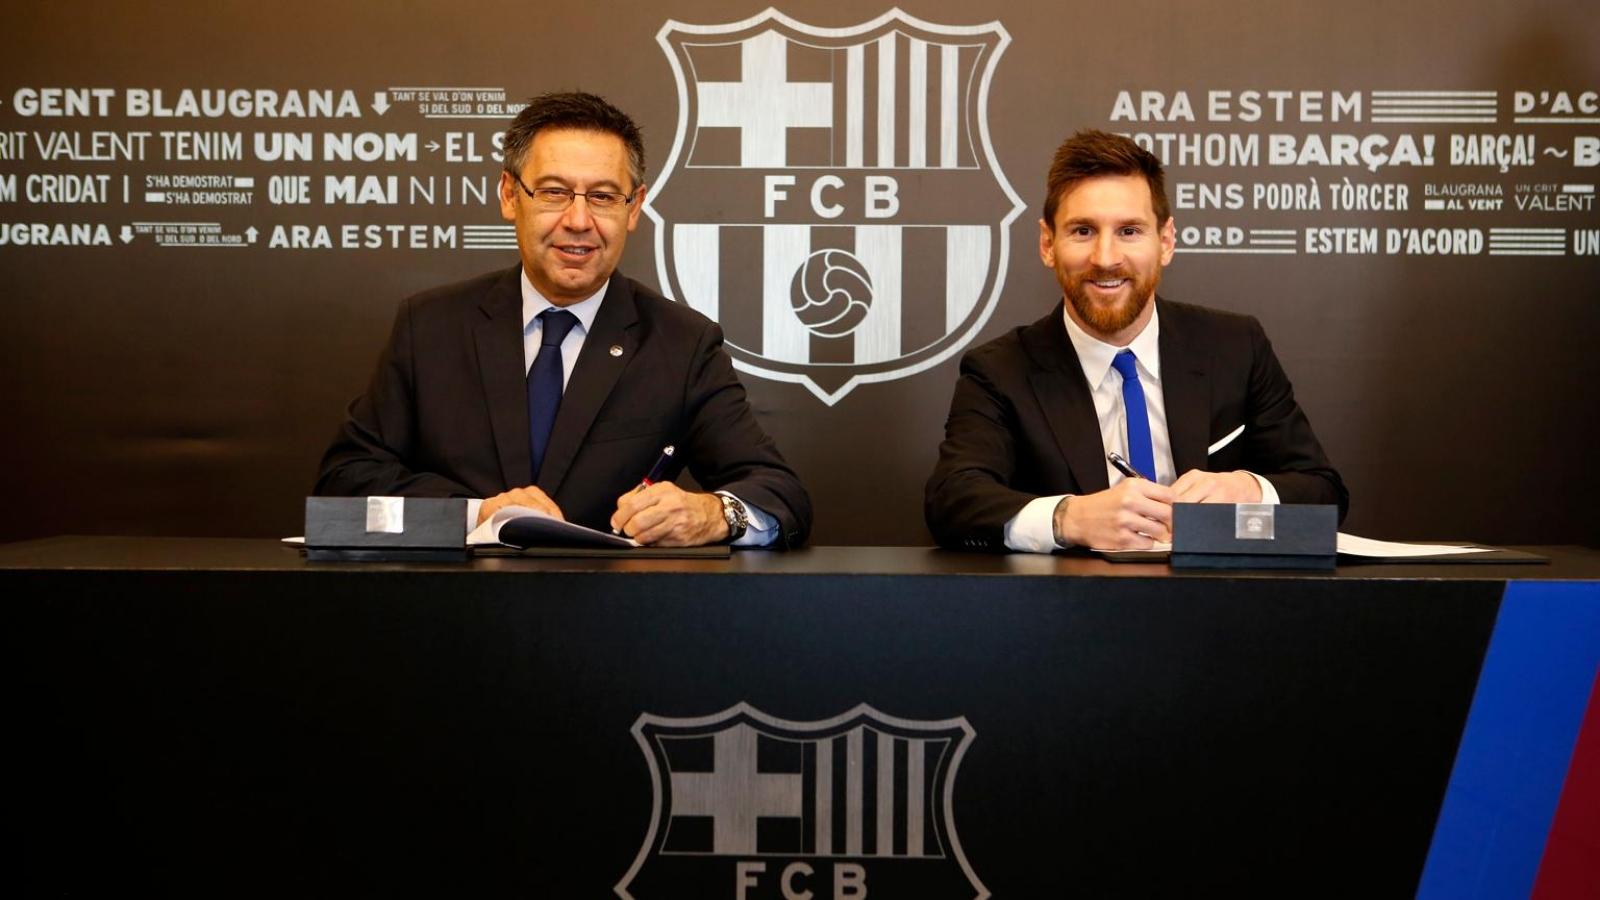 Barca tự tin sẽ gia hạn hợp đồng thành công với Messi